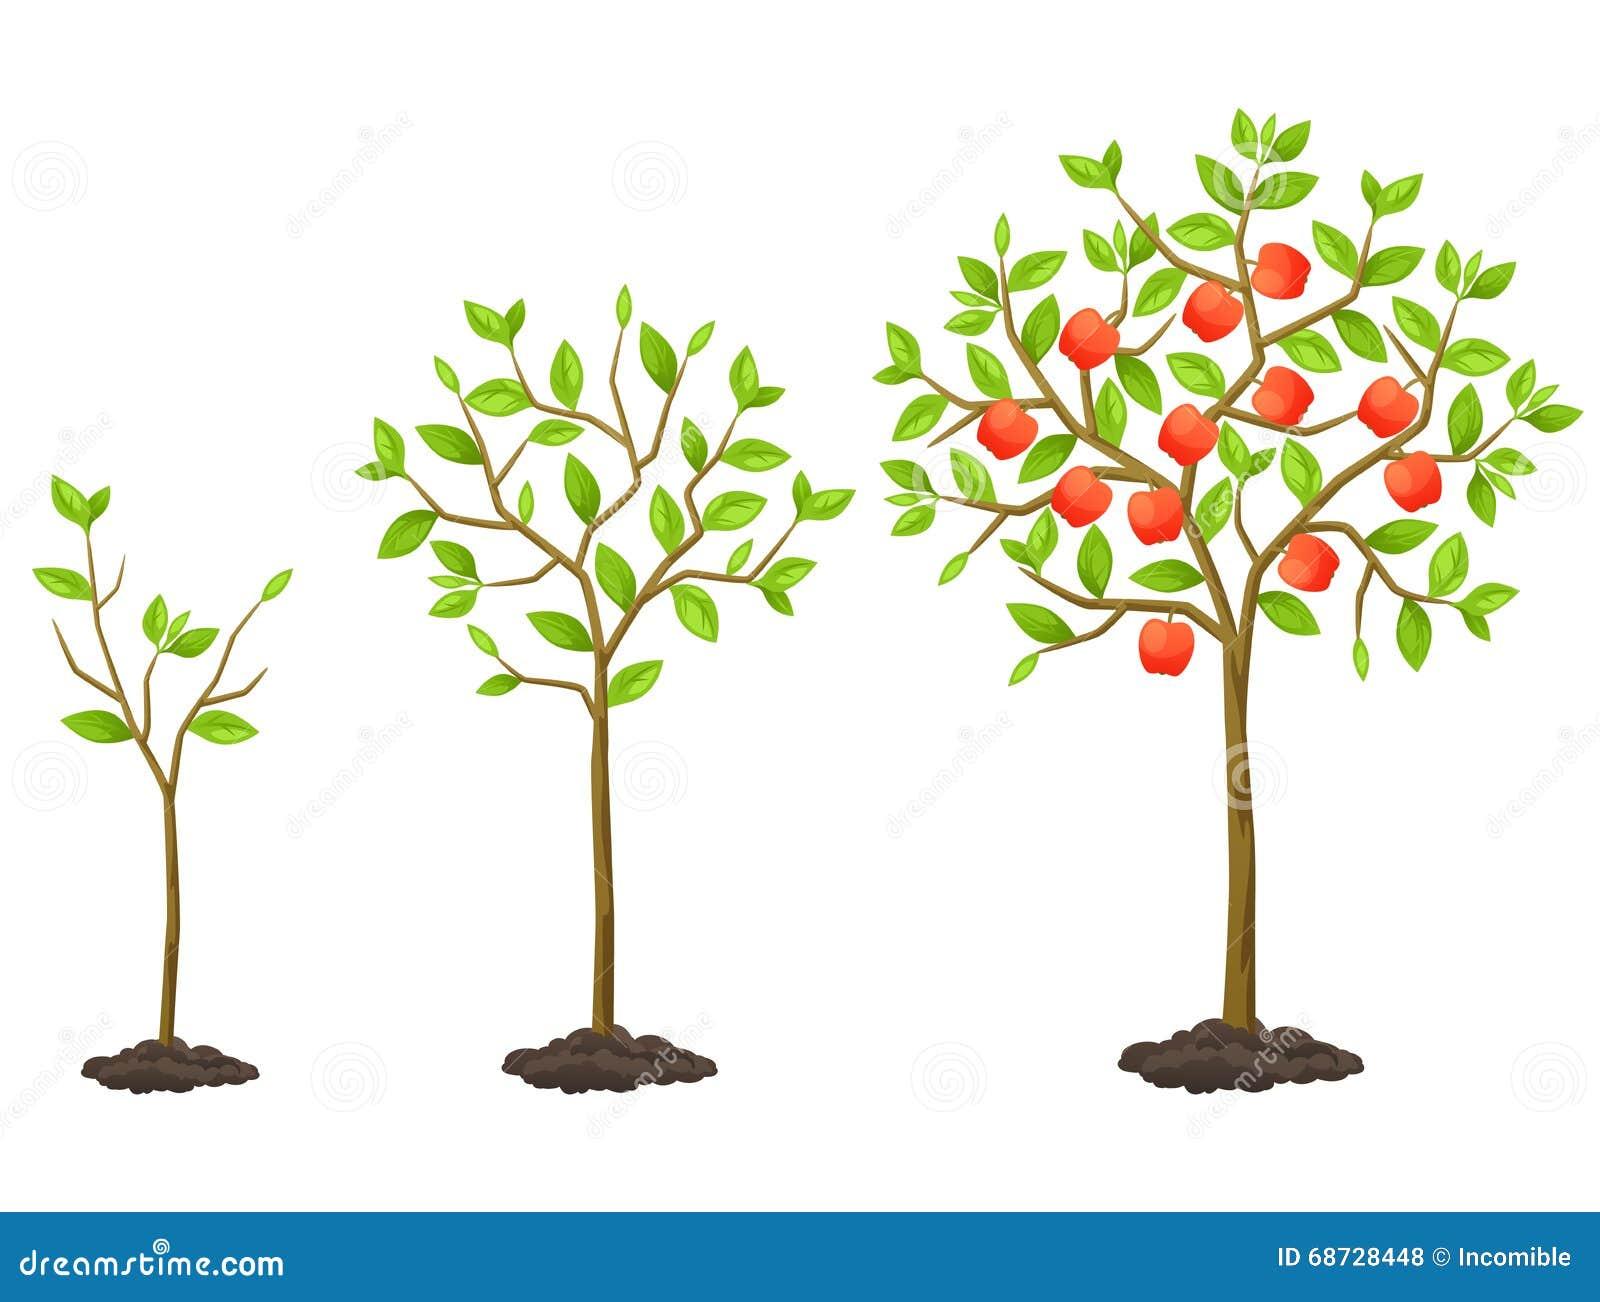 ciclo de crecimiento del alm cigo al rbol frutal ejemplo